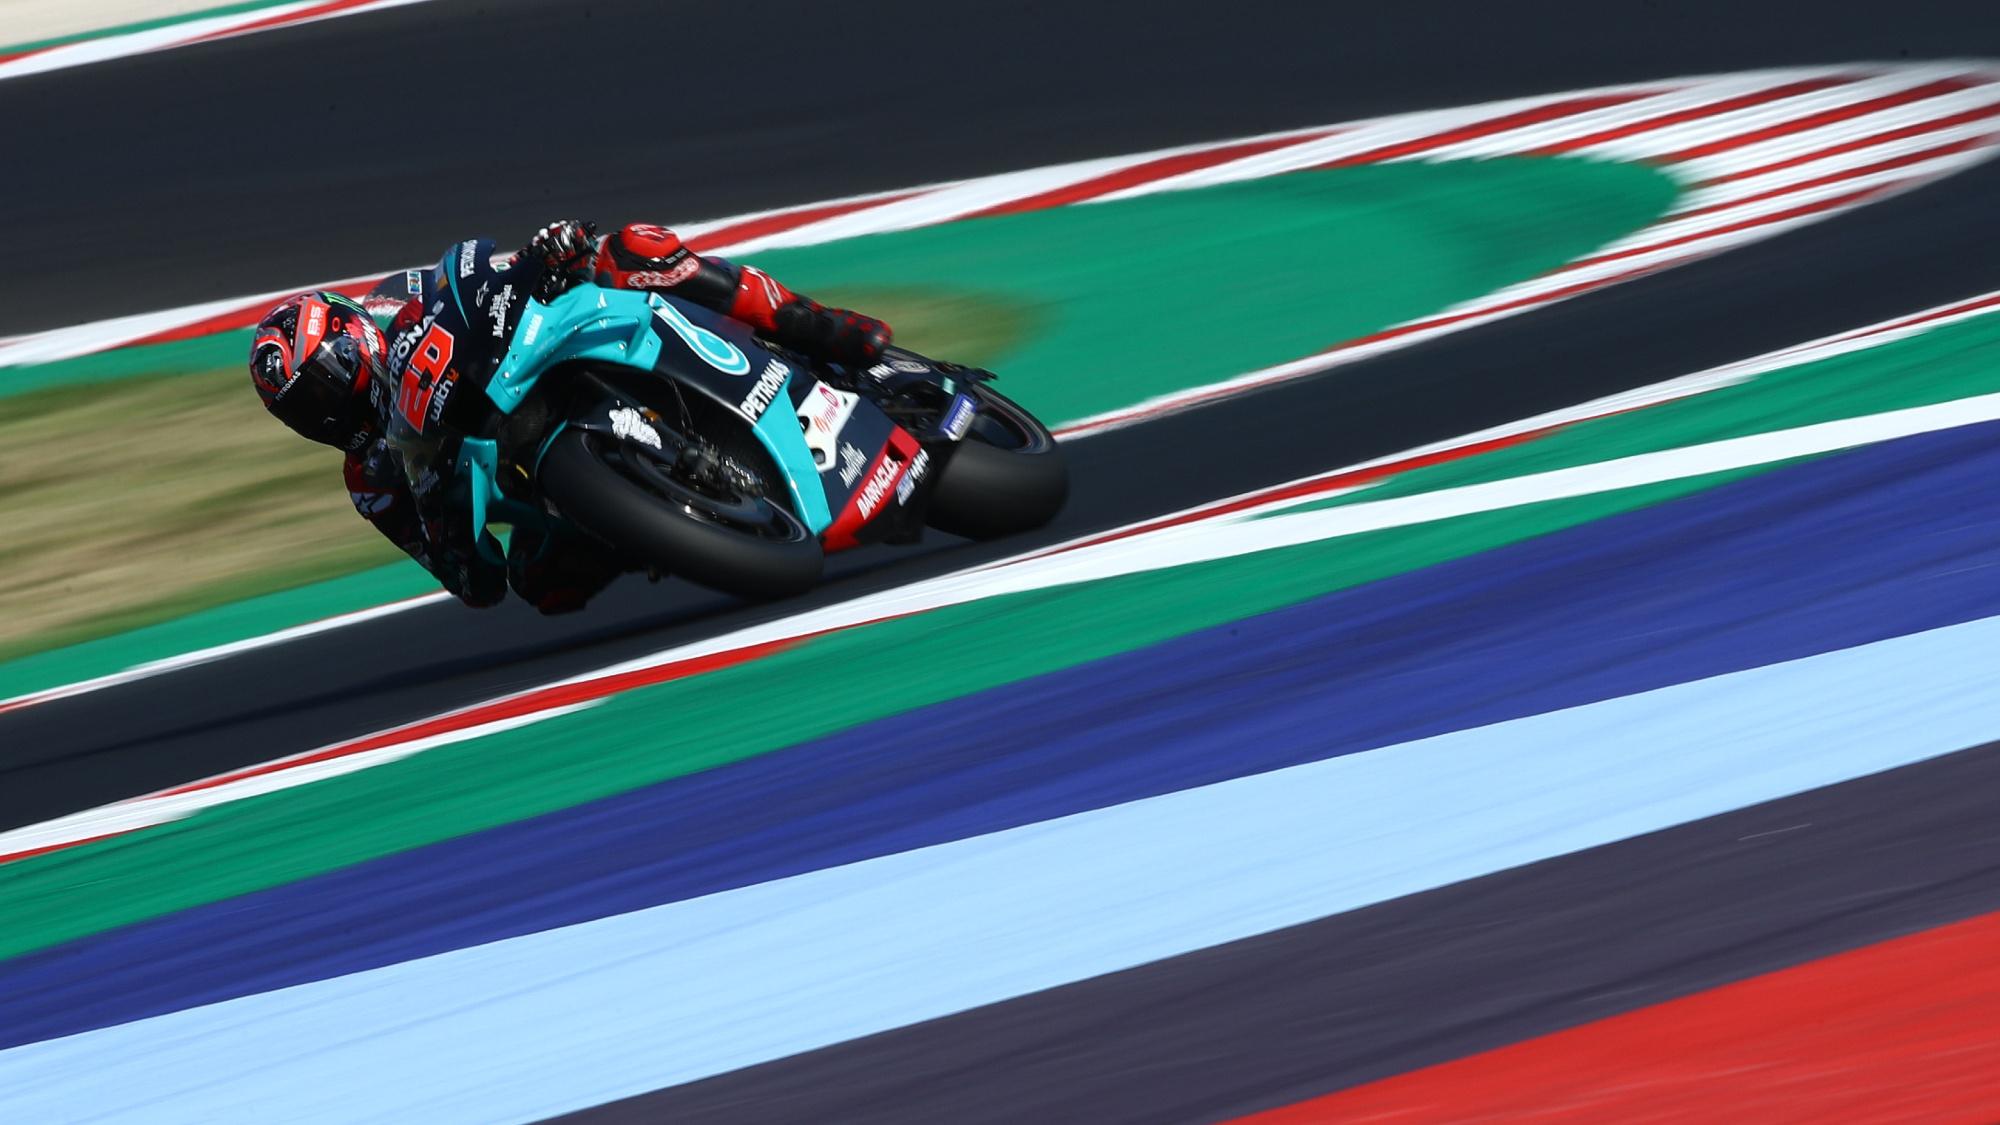 Fabio Quartararo, MotoGP 2020 Misano